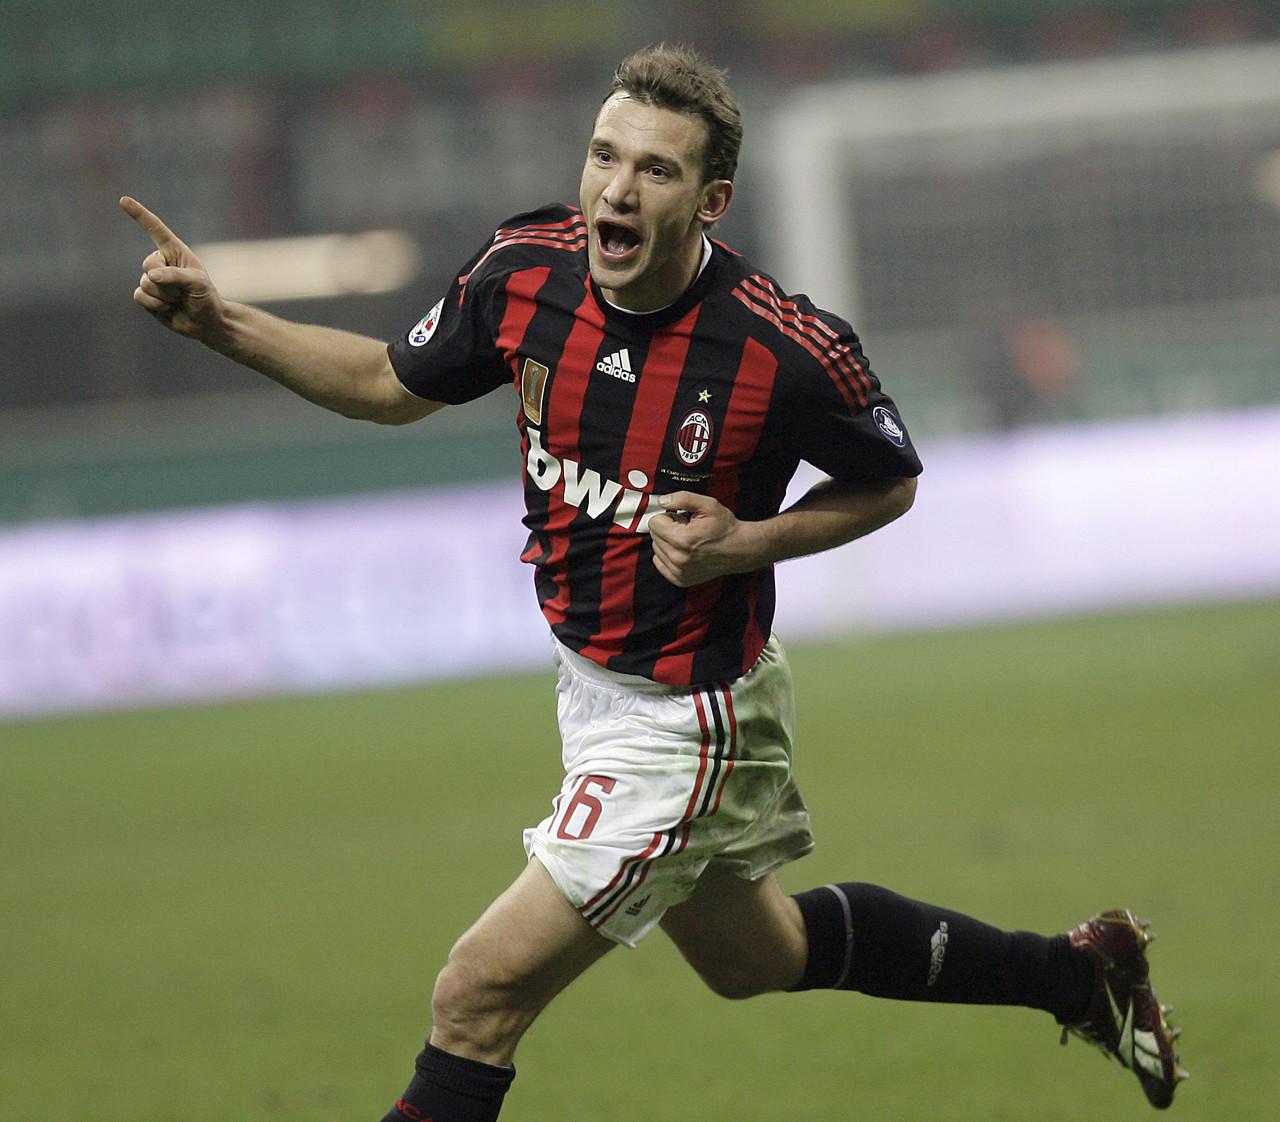 舍甫琴科:执教AC米兰是我的梦想,但要等明年欧洲杯后才有可能